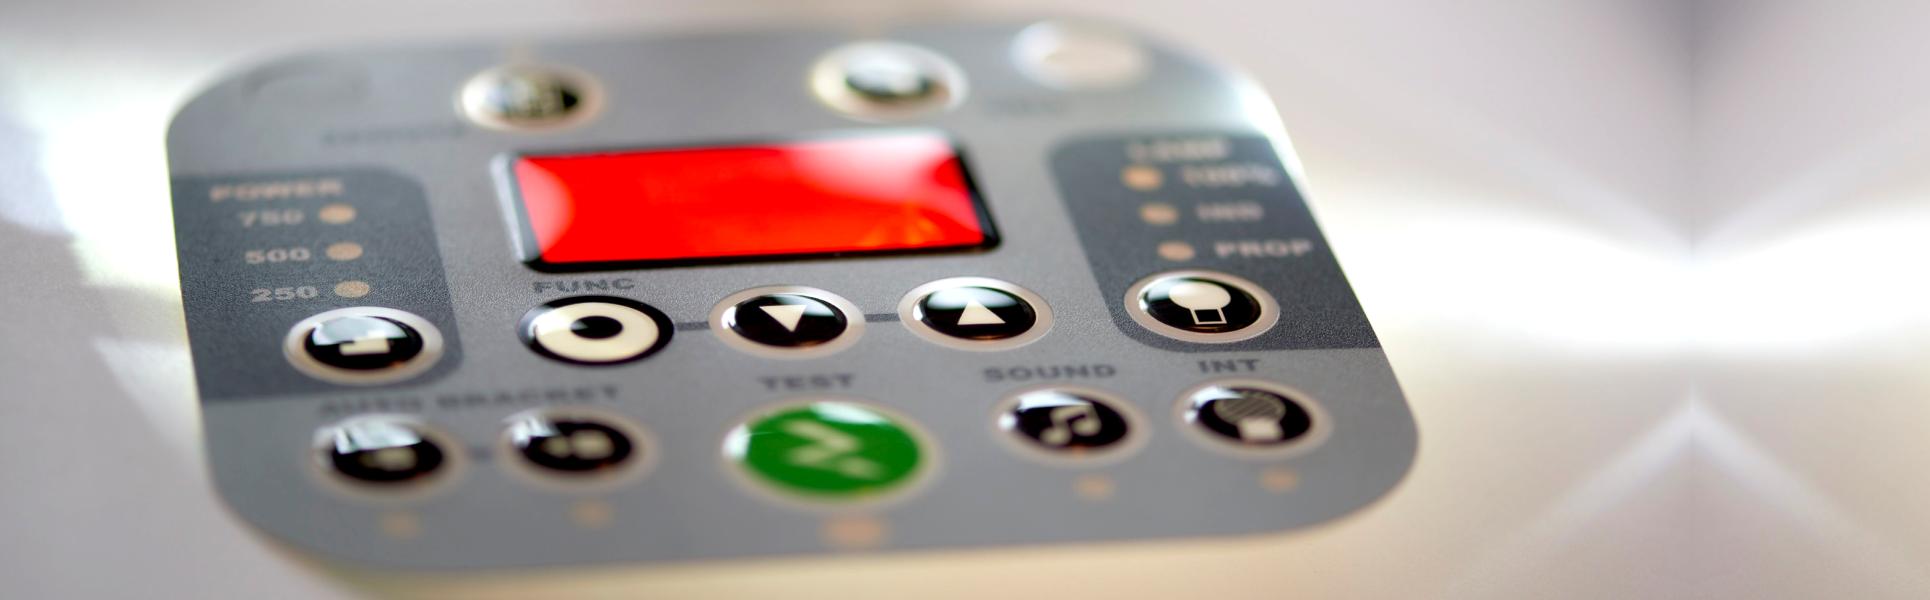 <p>Endüstriyel etiket üretimi konusunda hizmet veren firmamız,müşterilerden gelen talepler doğrultusunda başta serigrafi baskı yöntemi olmak üzere, tampon baskı, dijital baskı, lazer kazıma etiket, damla etiket gibi alternatif yöntemlerle ihtiyaca özel etiket üretmektedir.</p>